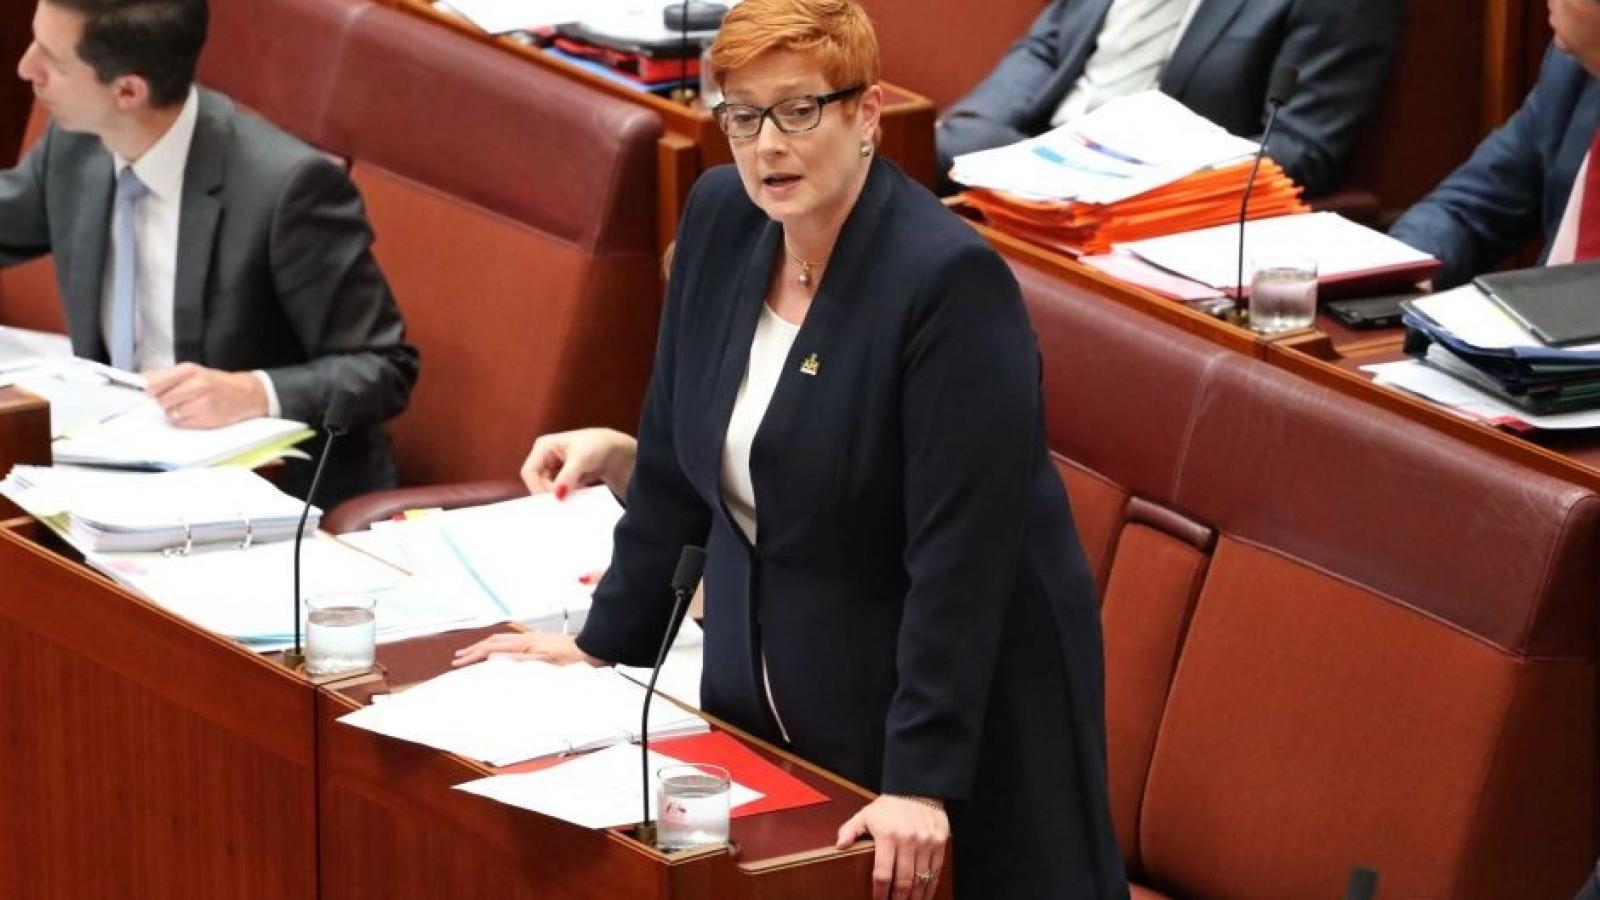 Australia trông đợi hợp tác với chính quyền mới của Mỹ